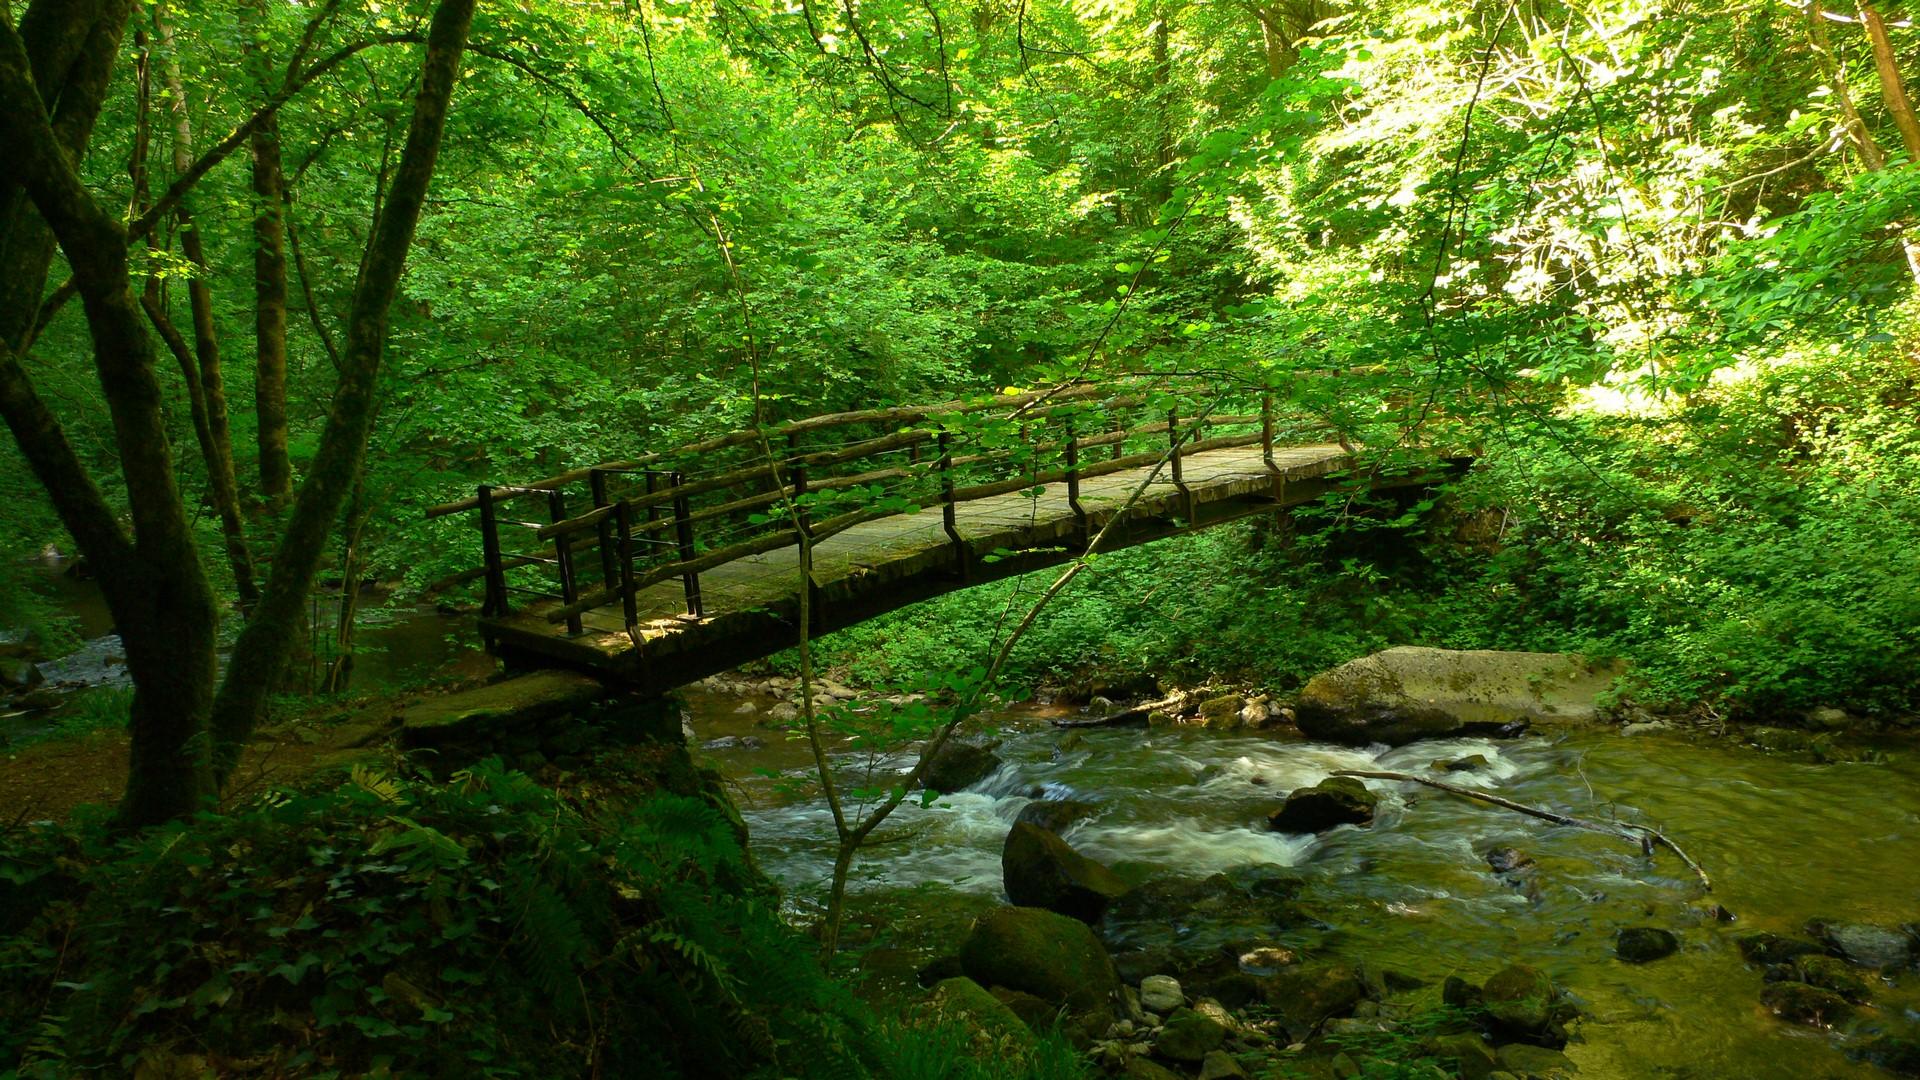 A chaque instant de notre vie, un pont se présente à nous pour traverser vers l'autre rive de la conscience. N'hésite pas, explorateur de l'esprit, passe le pour être pleinement toi-même.